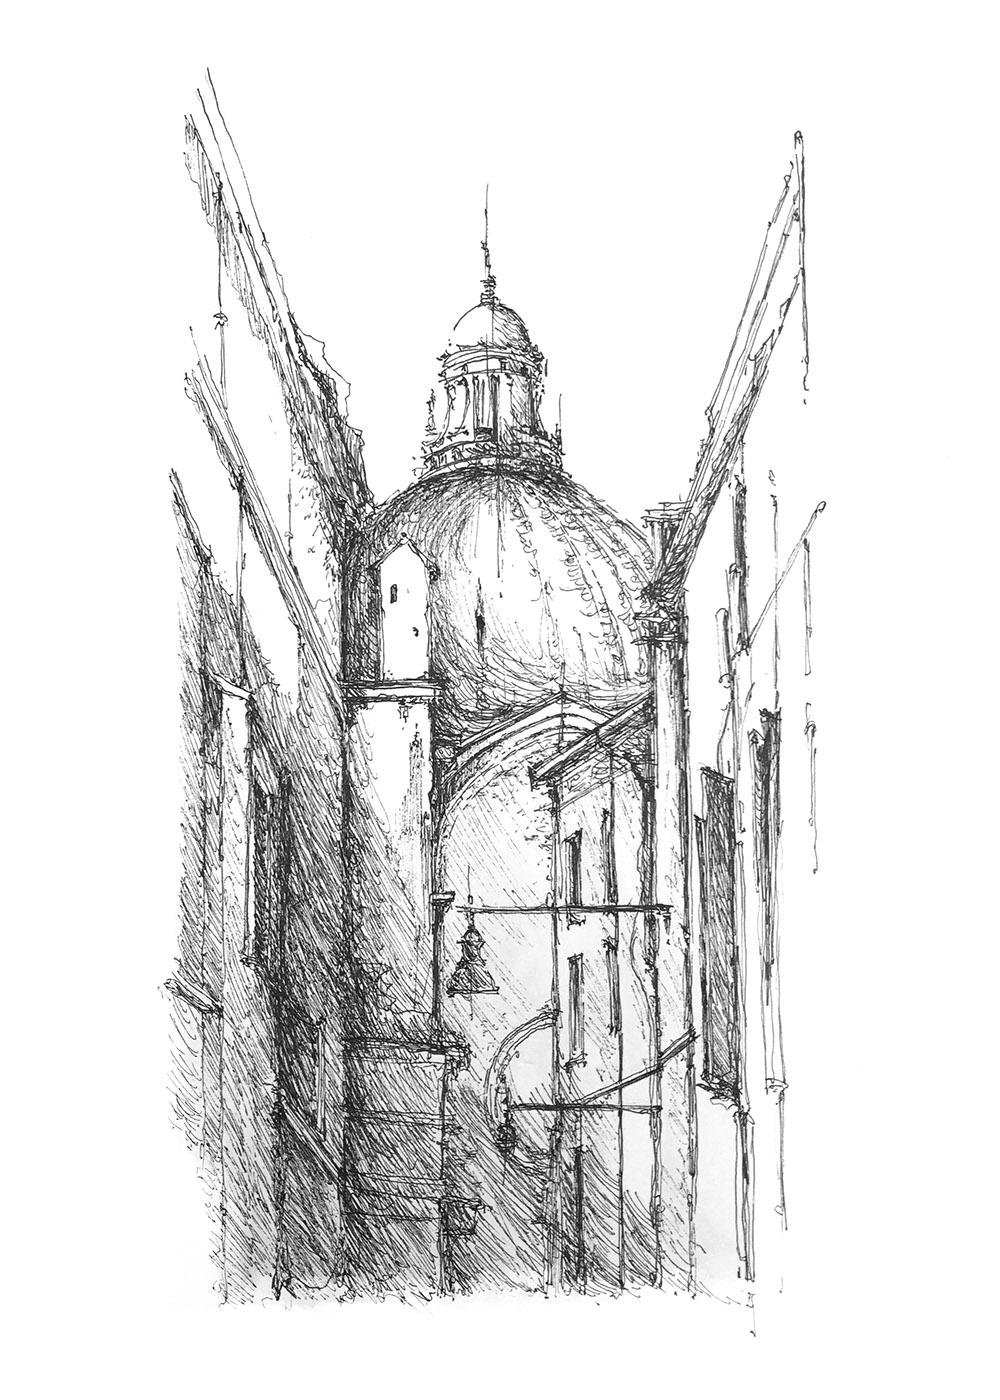 Venezia_Atelier Crilo_Santa Maria della Salute.jpg